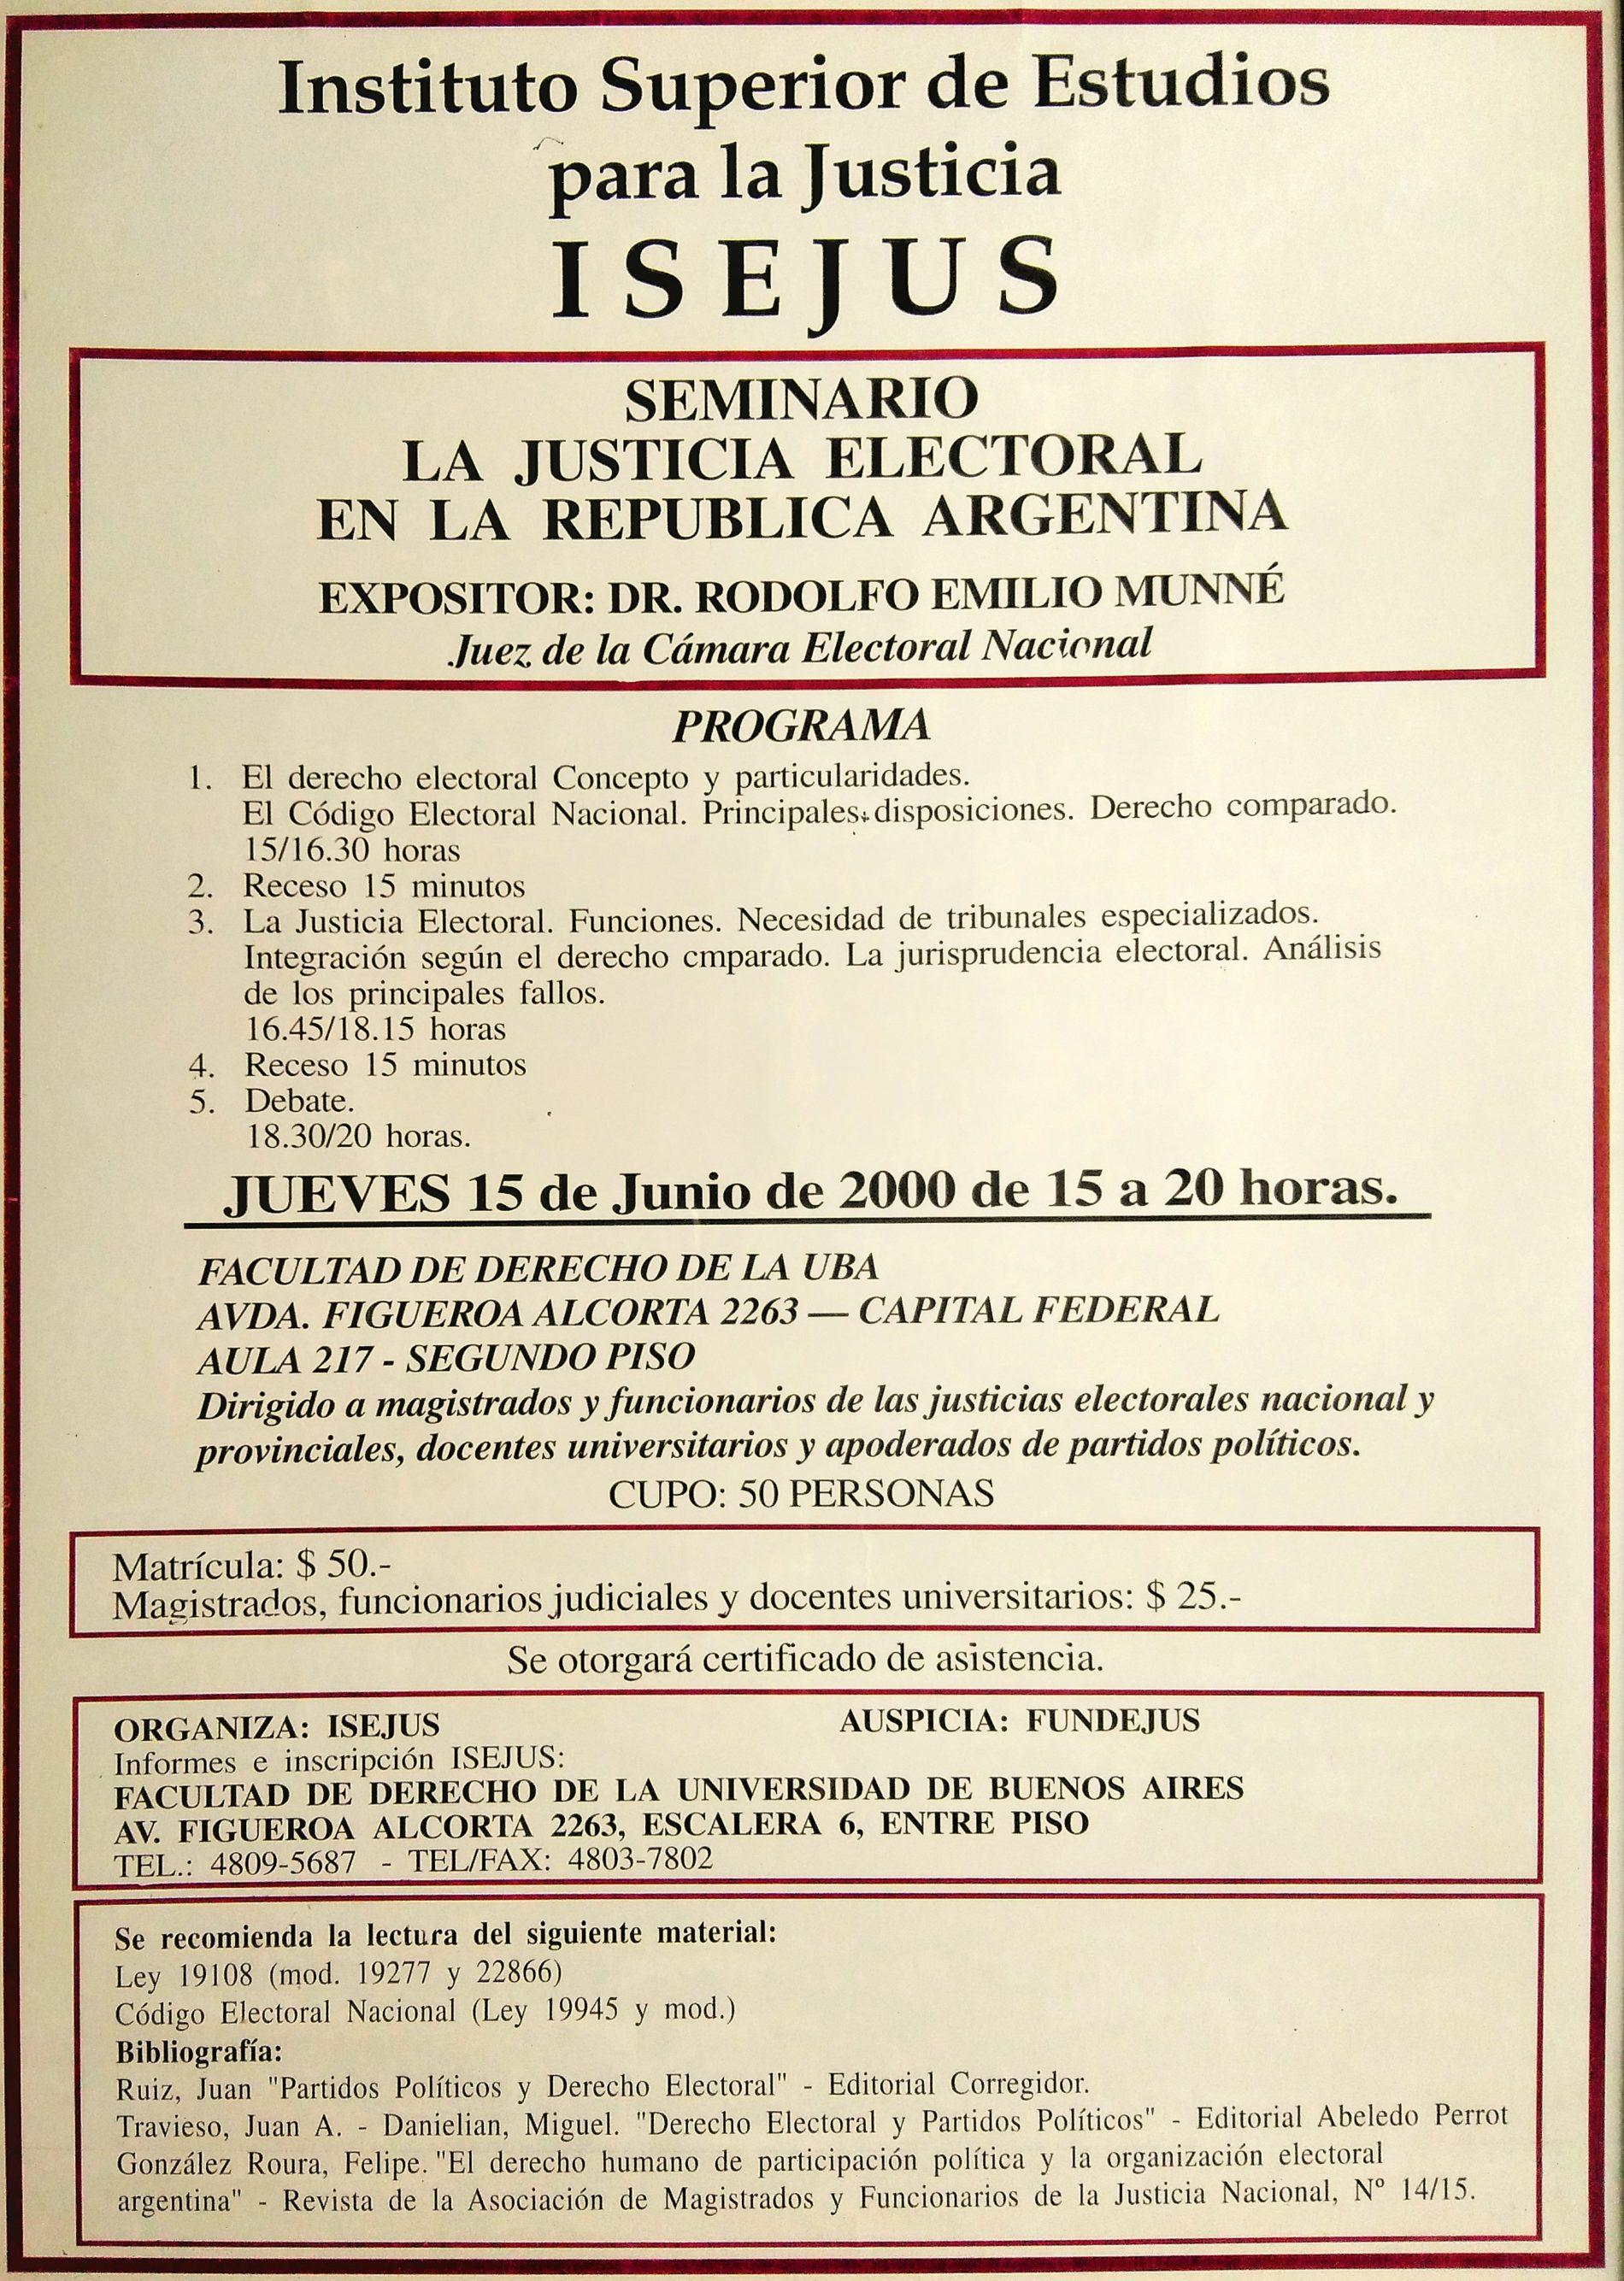 «Seminario: La Justicia Electoral en la República Argentina» ISEJUS.